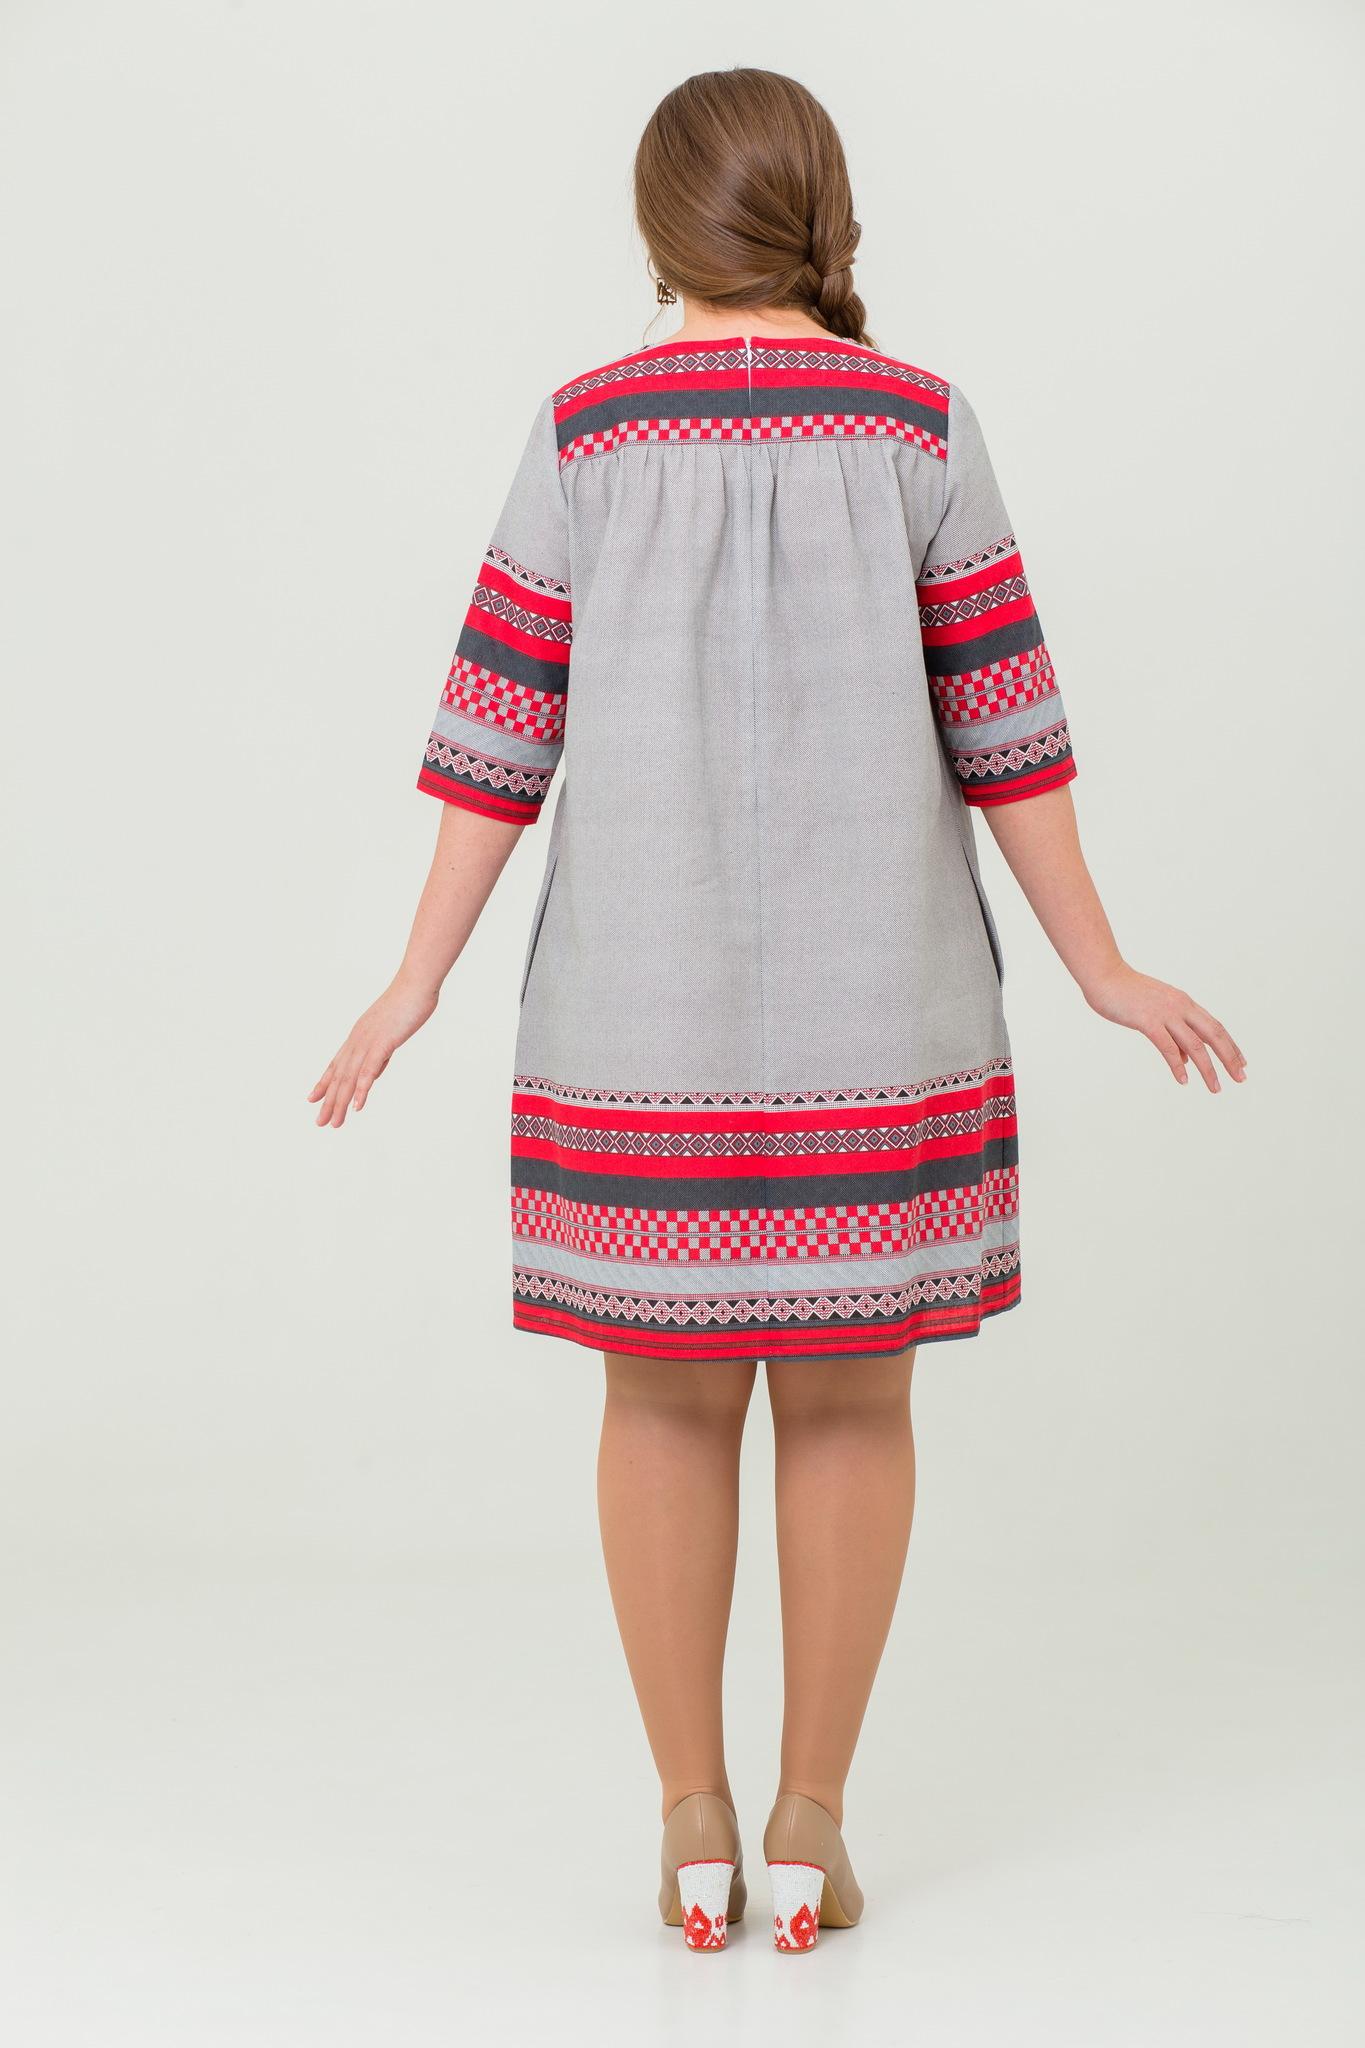 Платье Чудное мгновенье в русском стиле купить